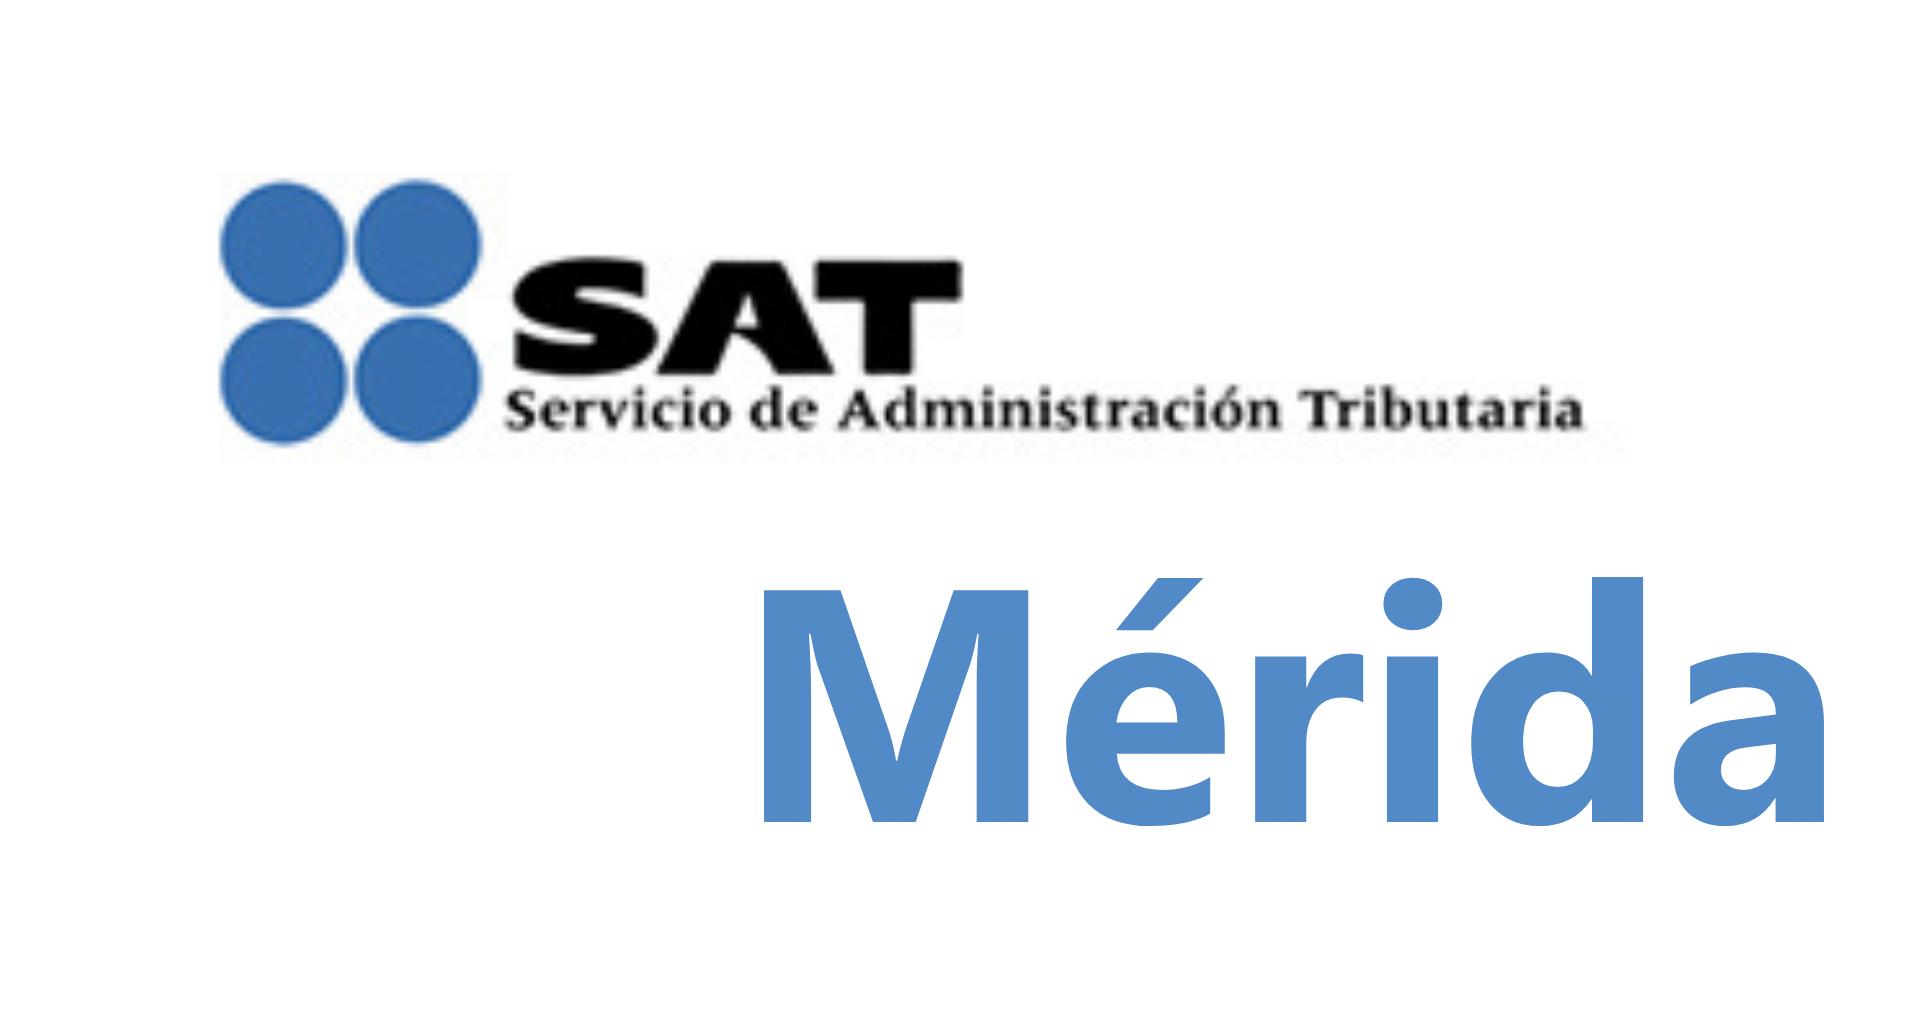 agendar una cita en el SAT de Mérida